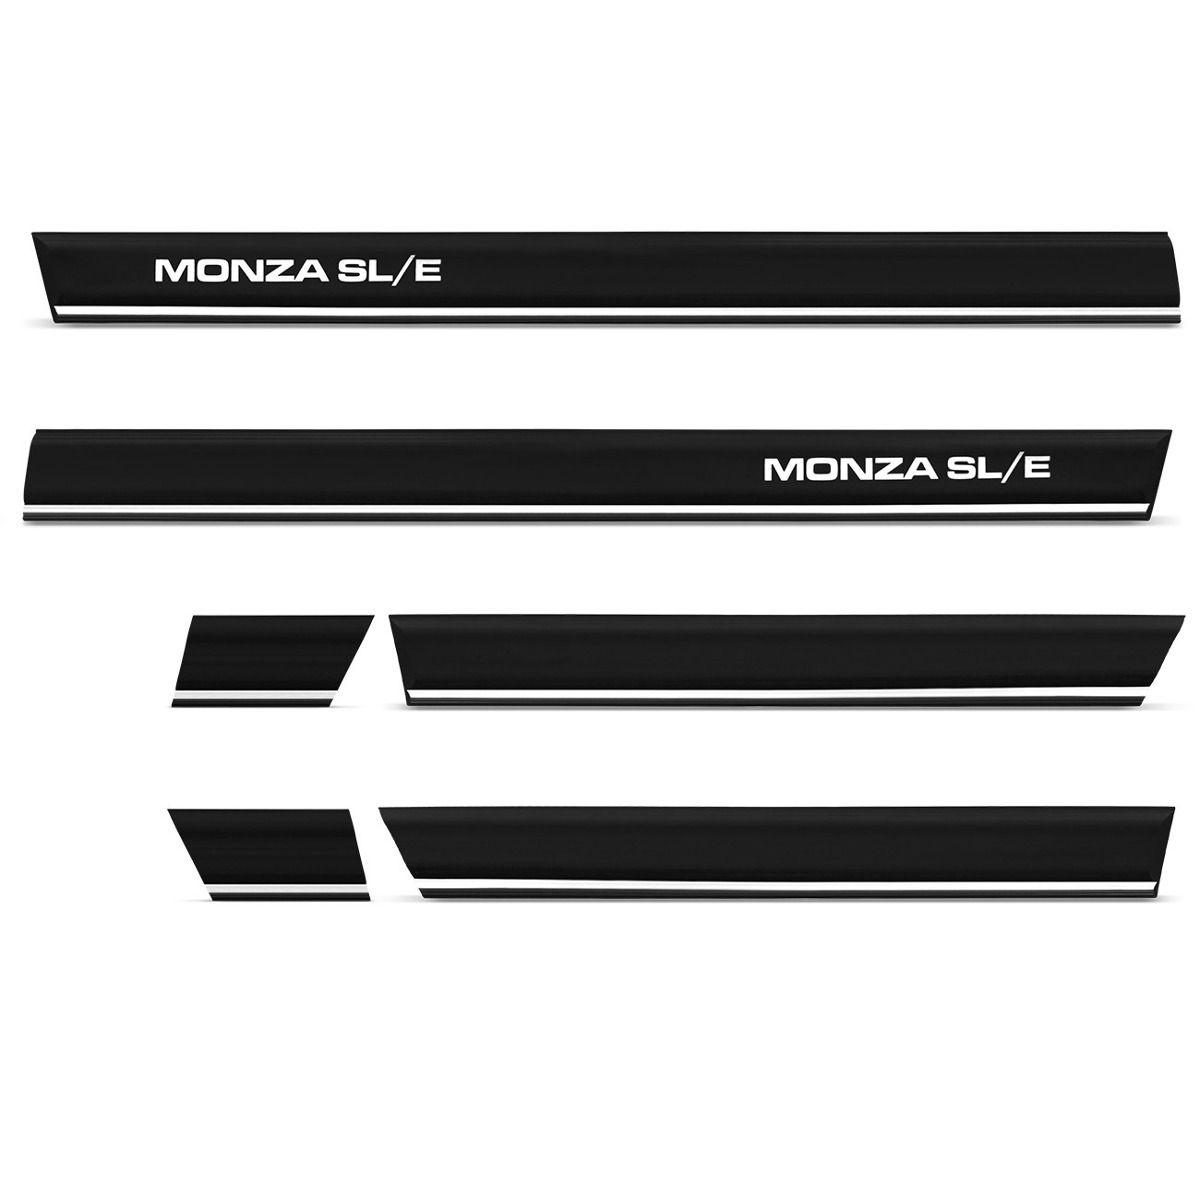 Kit Friso Borrachao Lateral Monza 4portas Sle 91 92 93 94 96